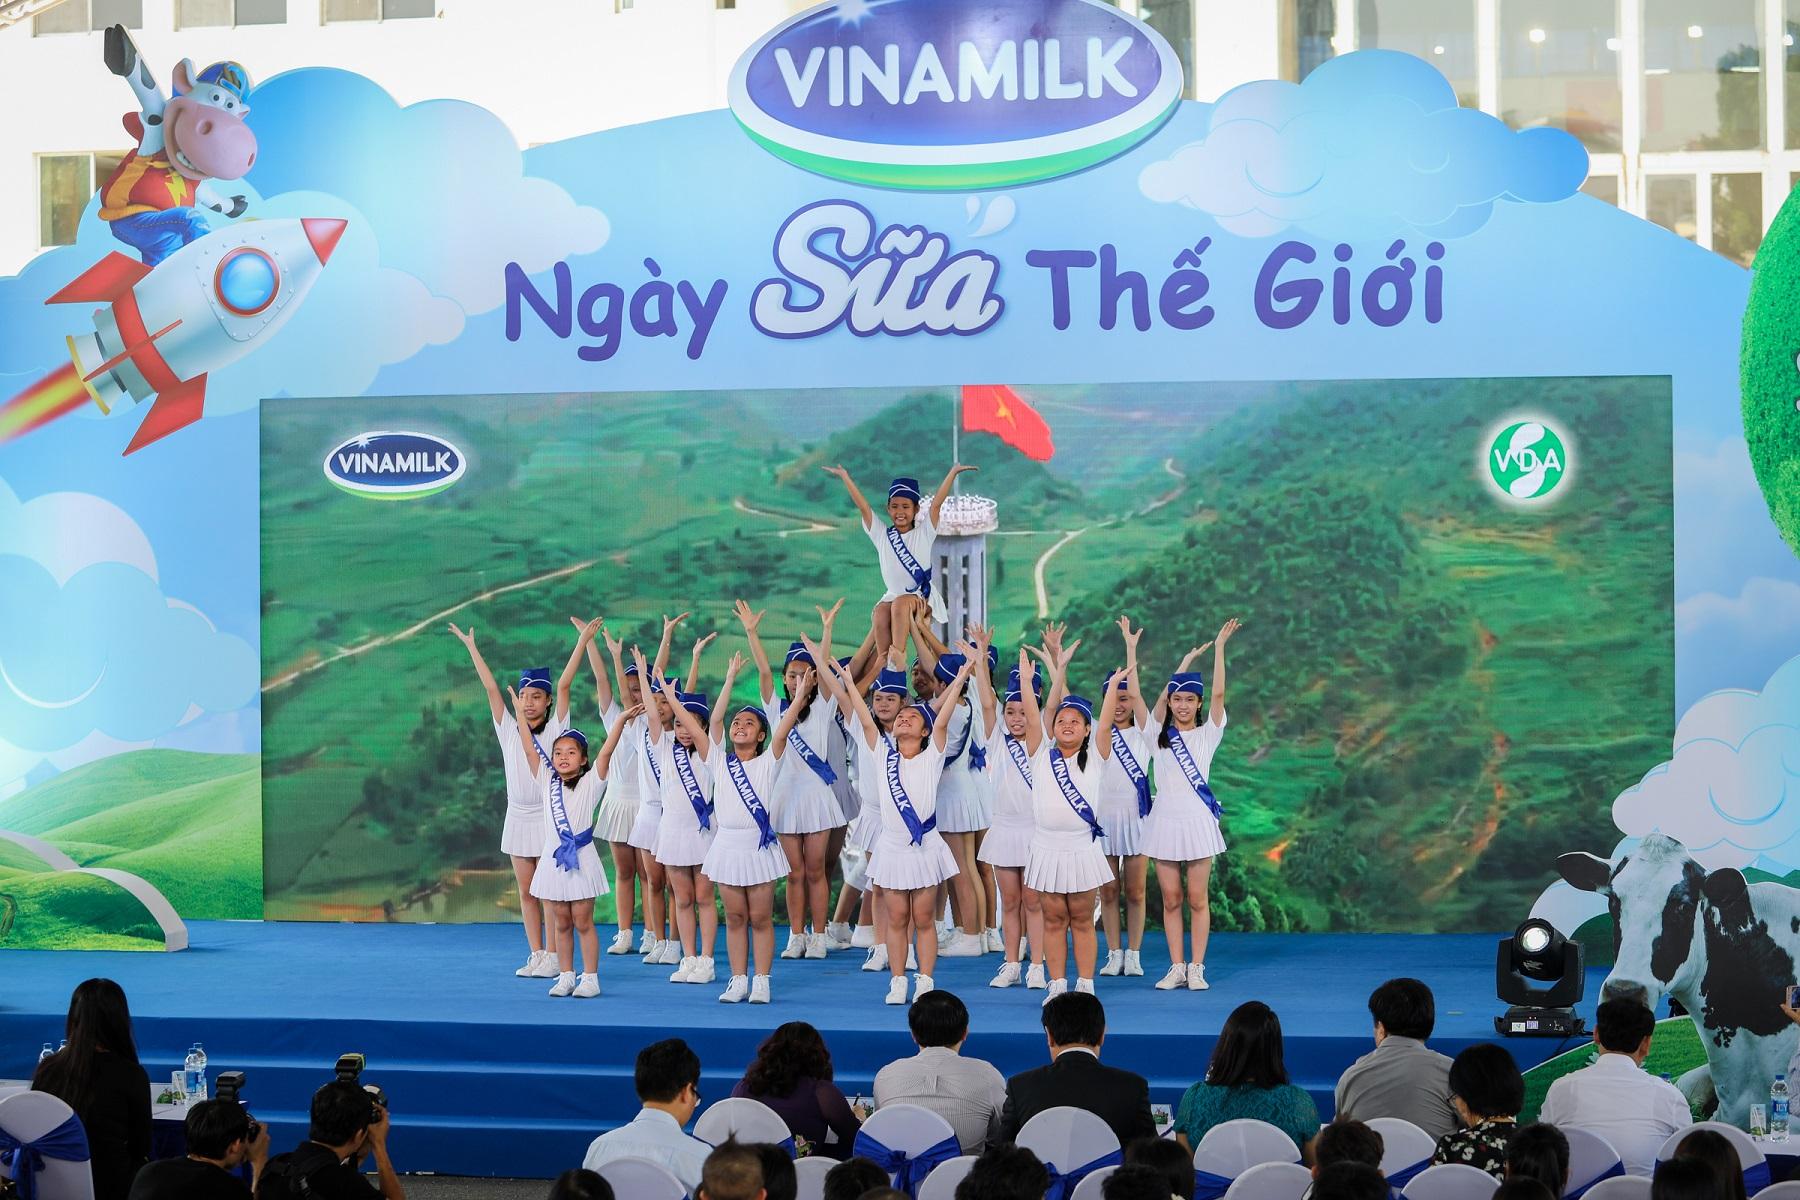 Vinamilk hưởng ứng thông điệp niềm vui uống sữa tại trường của ngày sữa thế giới 2019 - Ảnh 1